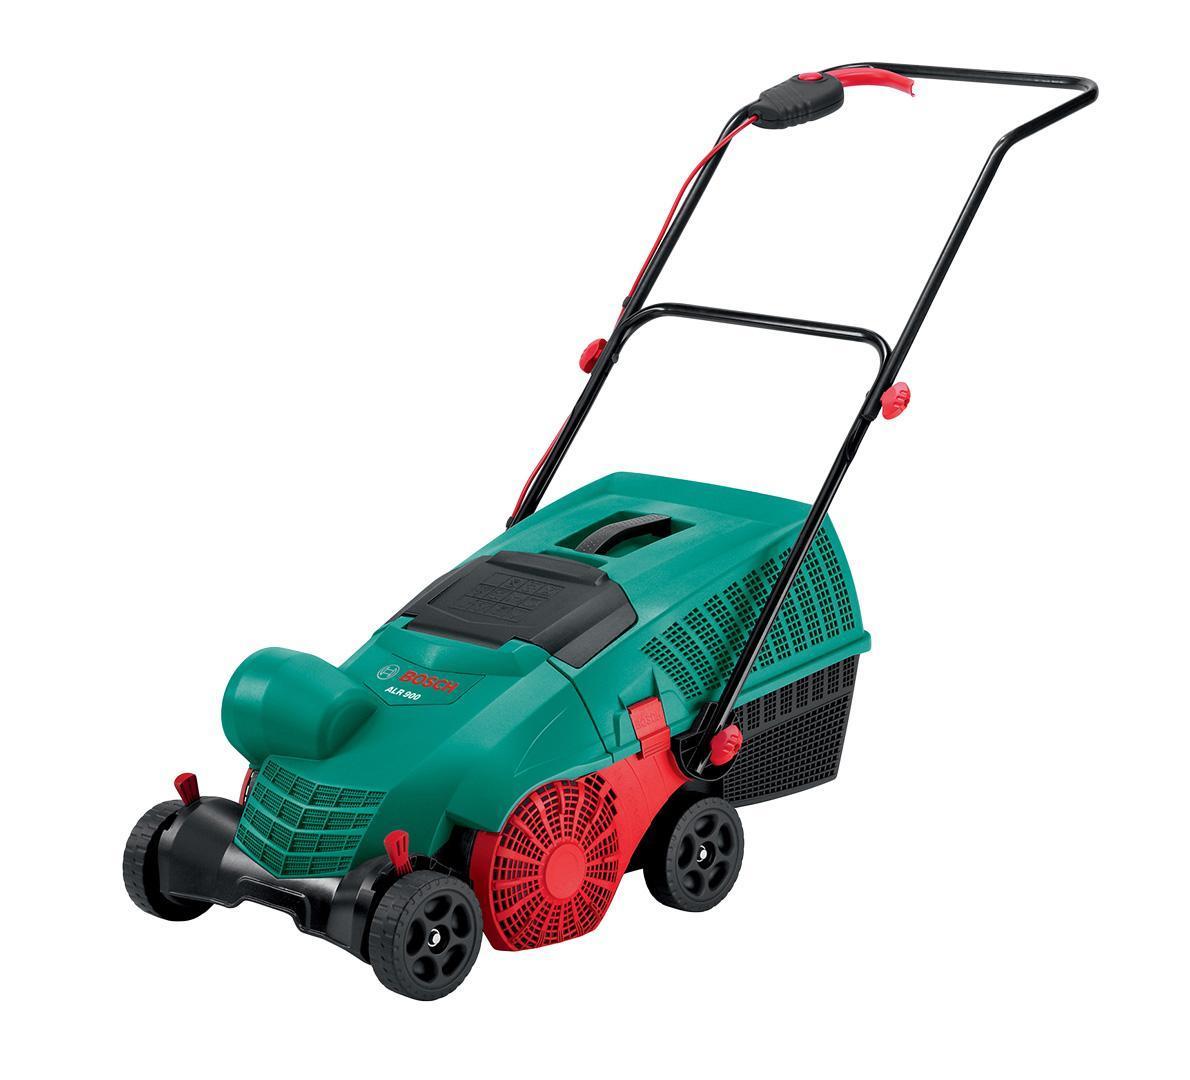 Скарификатор Bosch ALR 900 Raker служит для разрезания почвы с целью усиления притока воздуха в нее, а также очищения от листвы и мха.